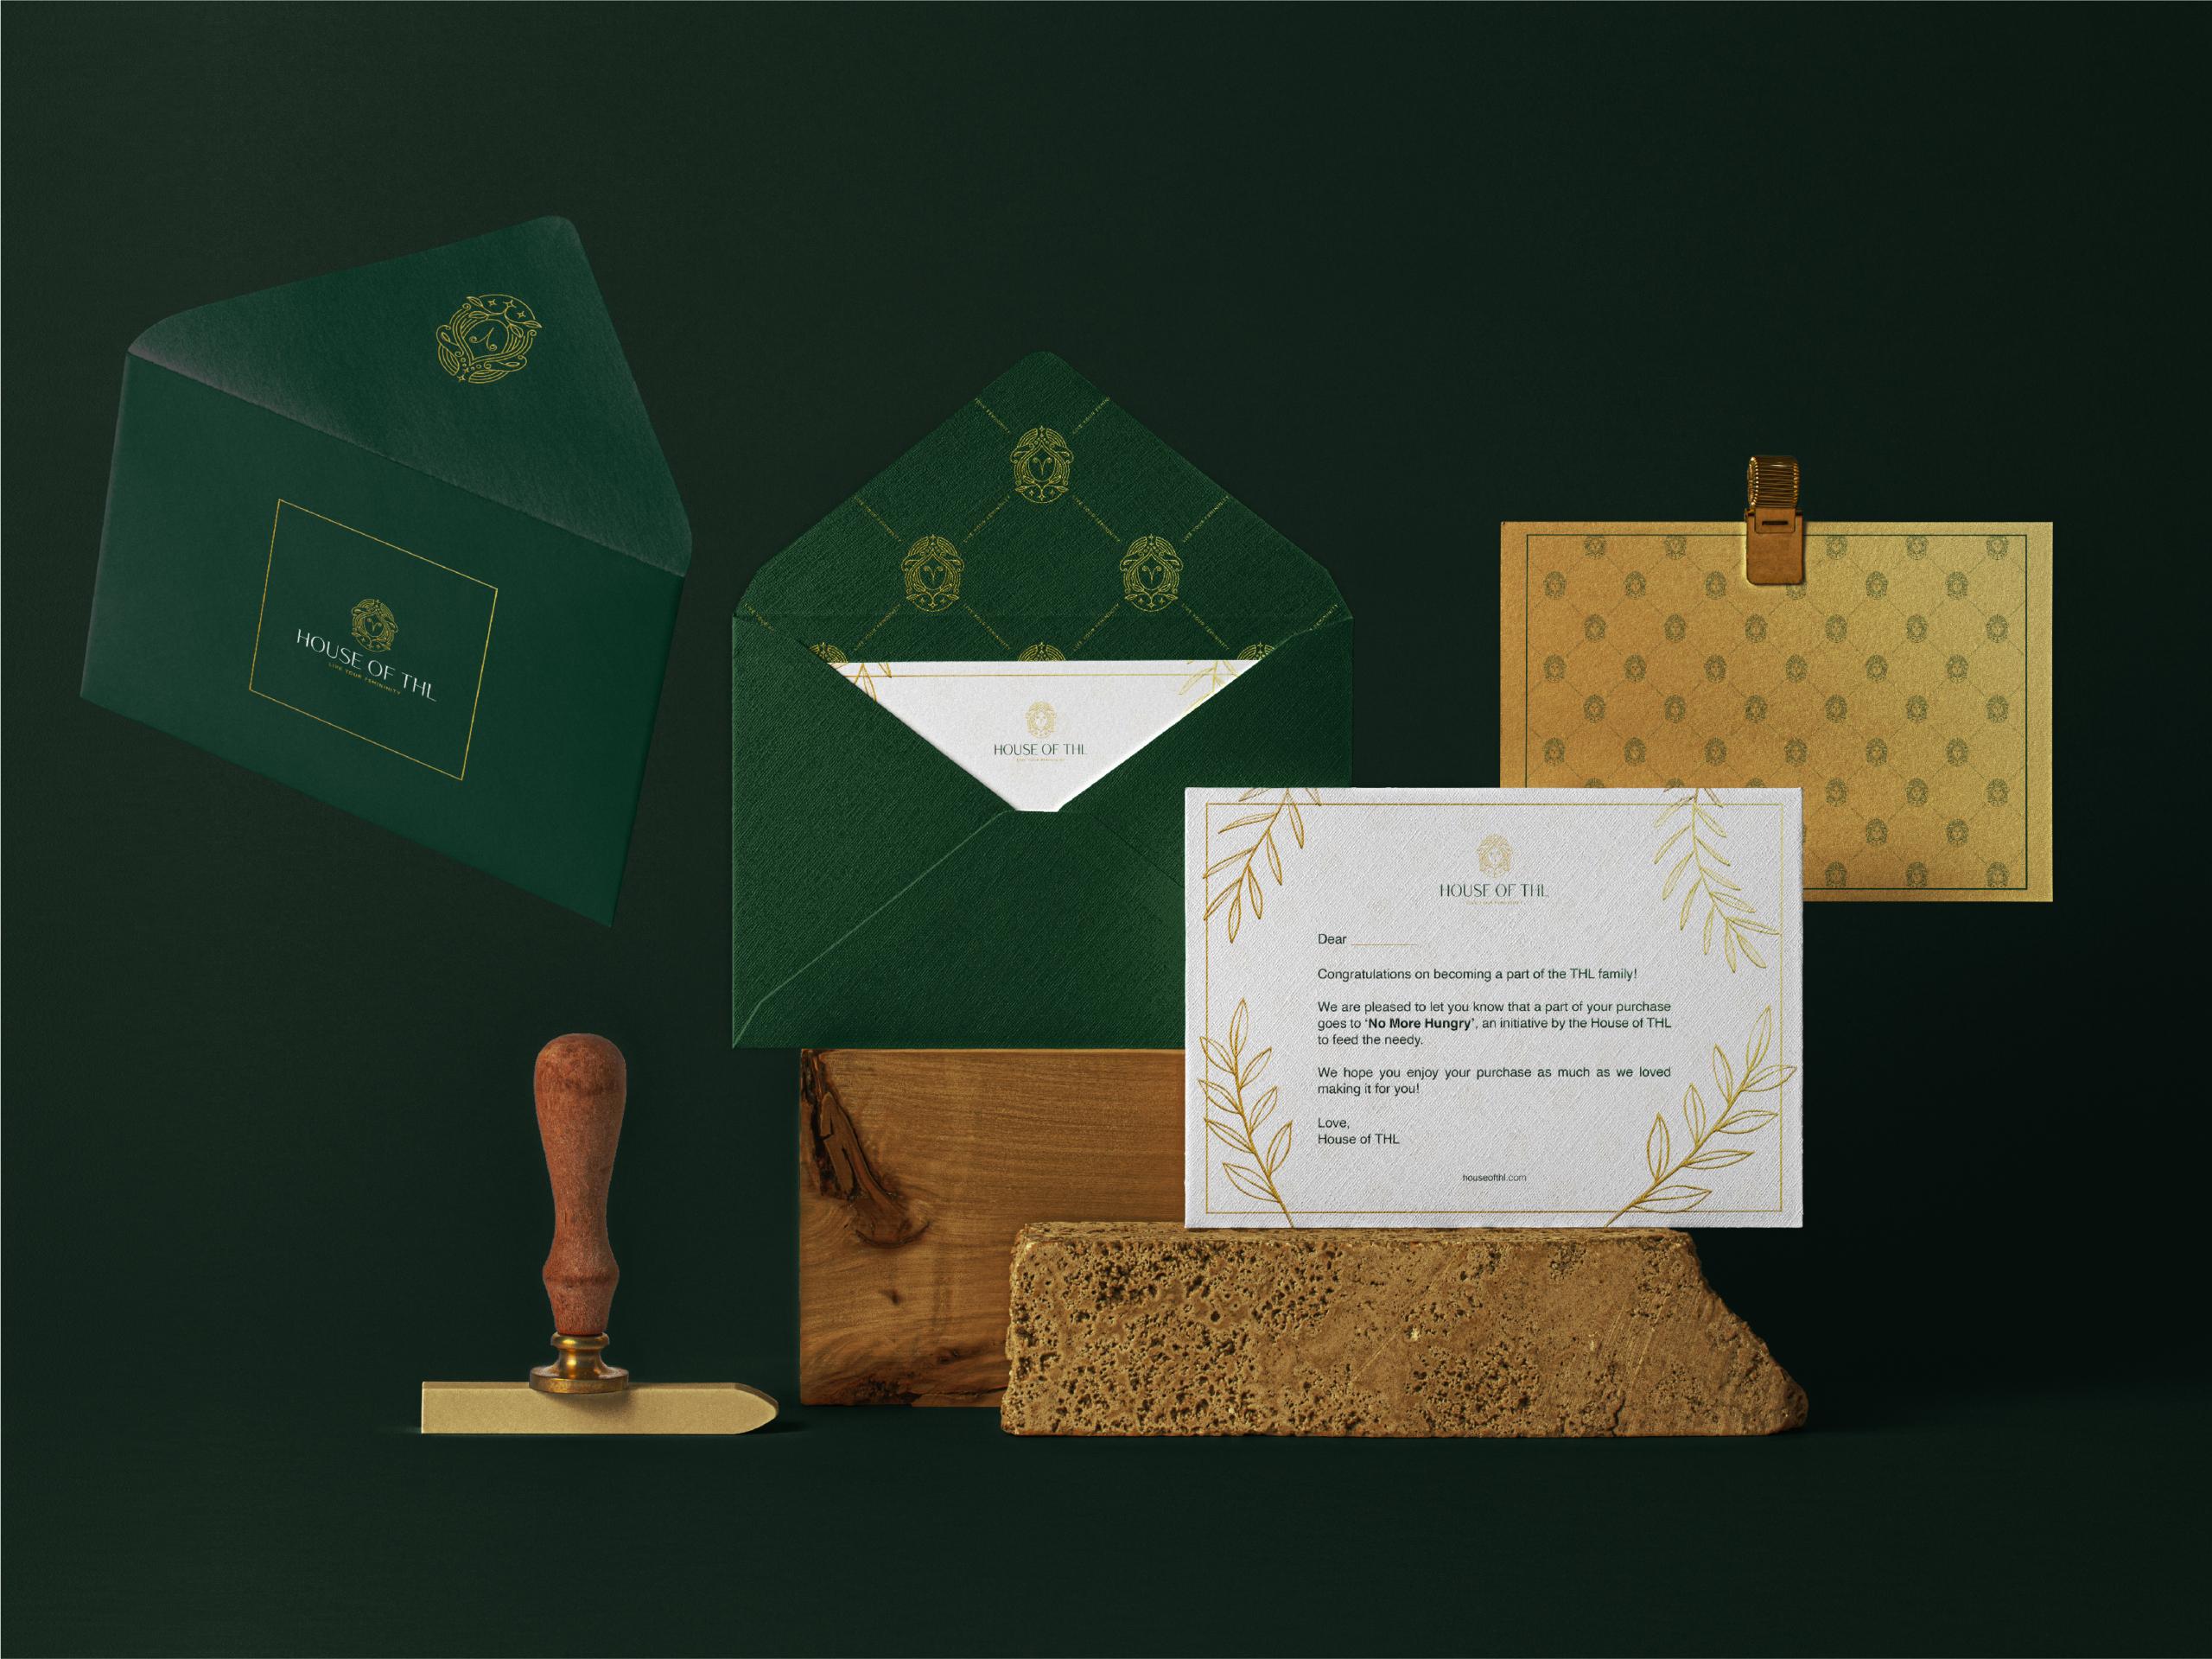 House of THL envelope design